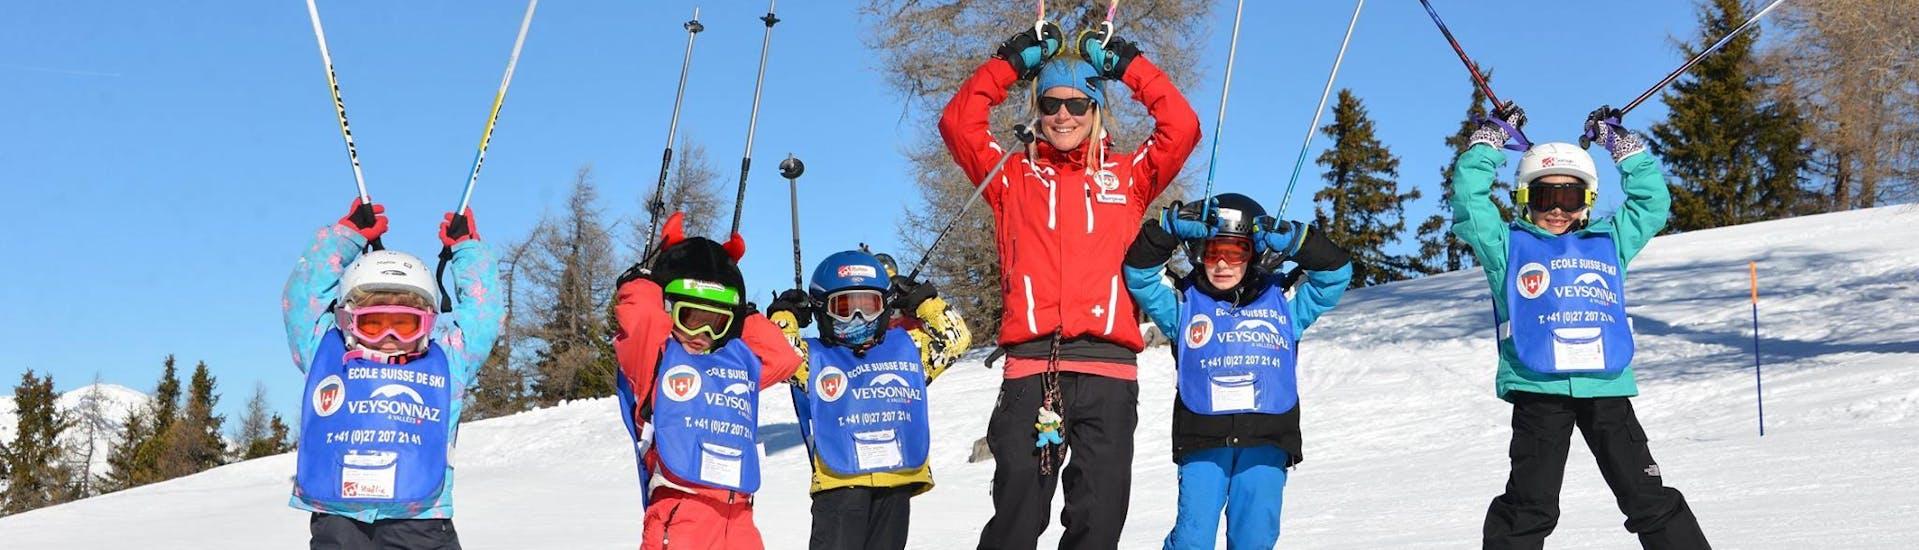 Premier Cours de ski Enfants (6-12 ans) - Journée avec École Suisse de Ski de Veysonnaz - Hero image